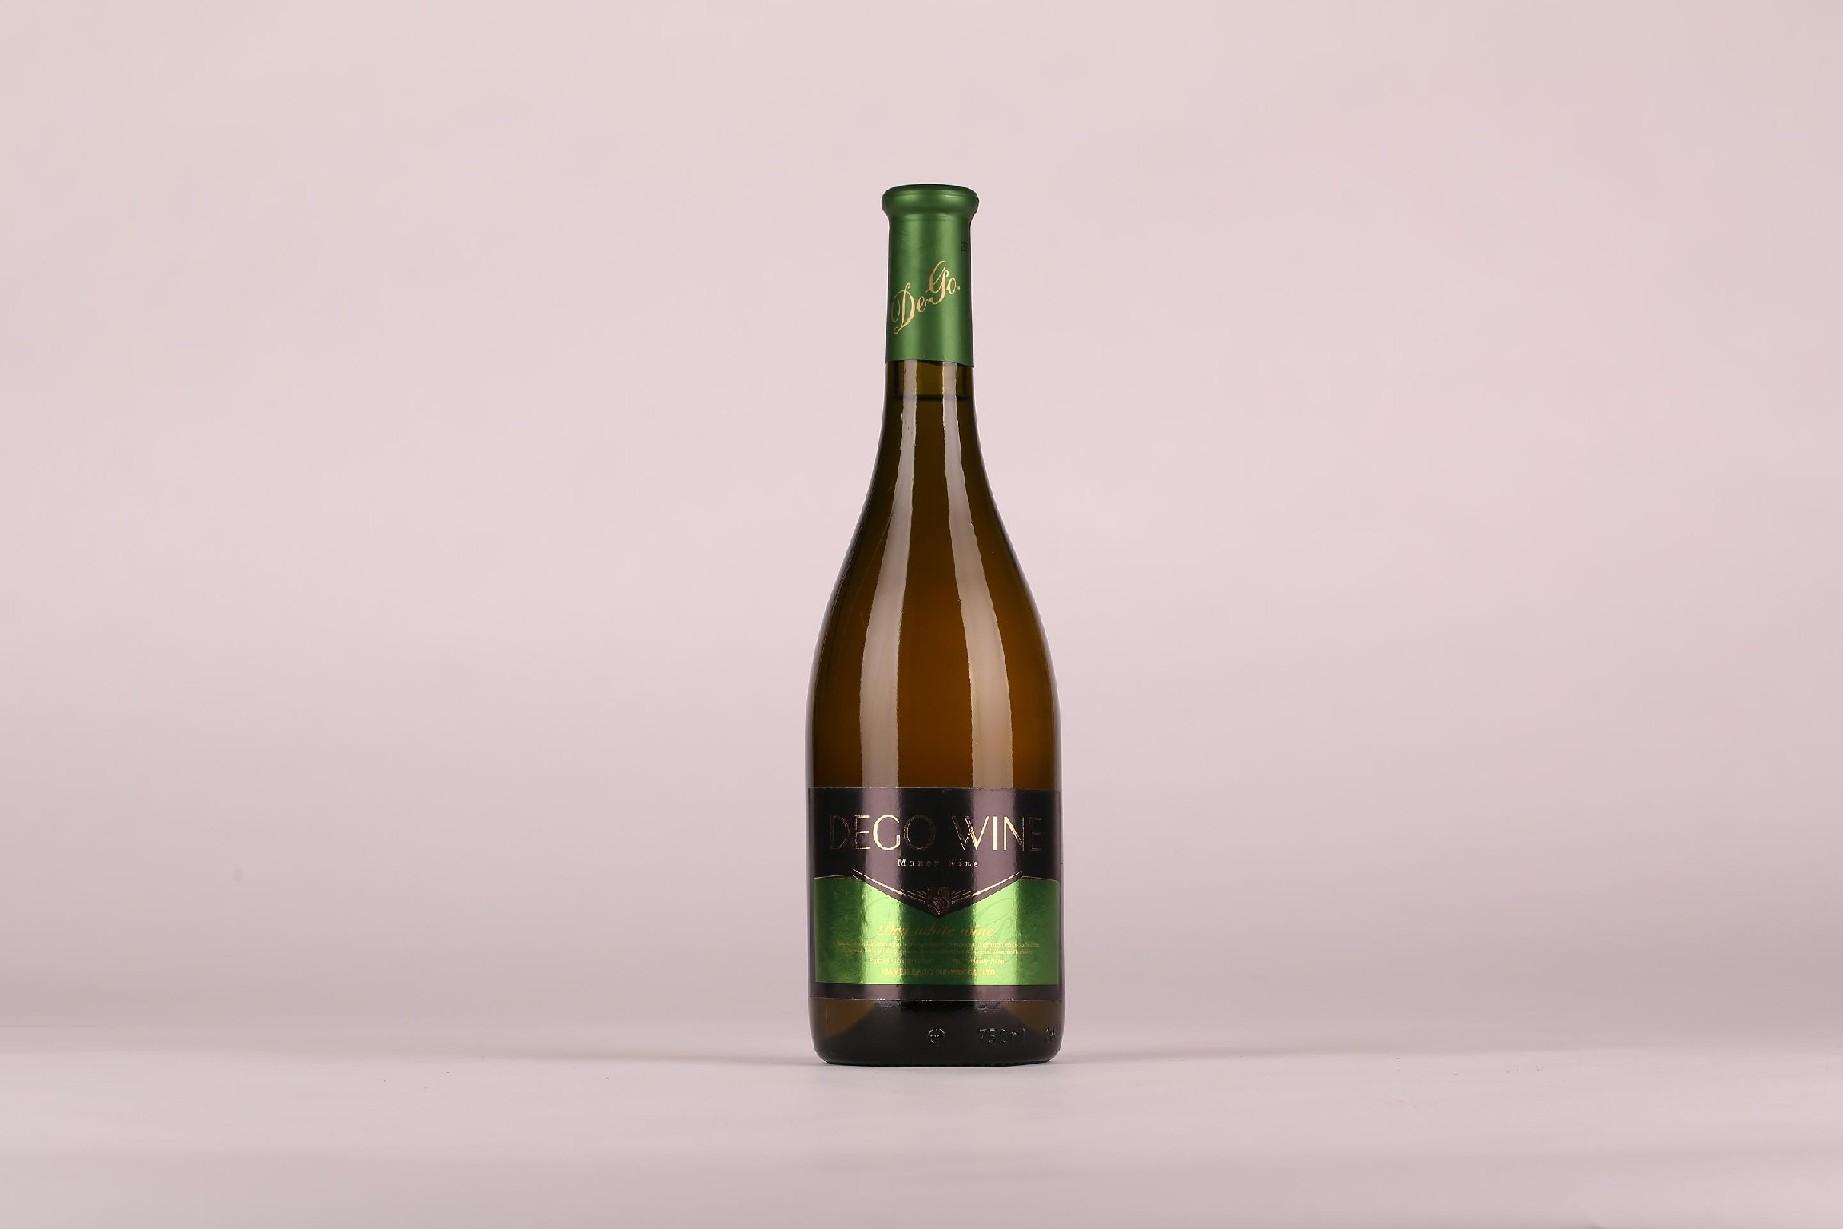 优质的德歌、供应厦门价位合理的德歌干白葡萄酒